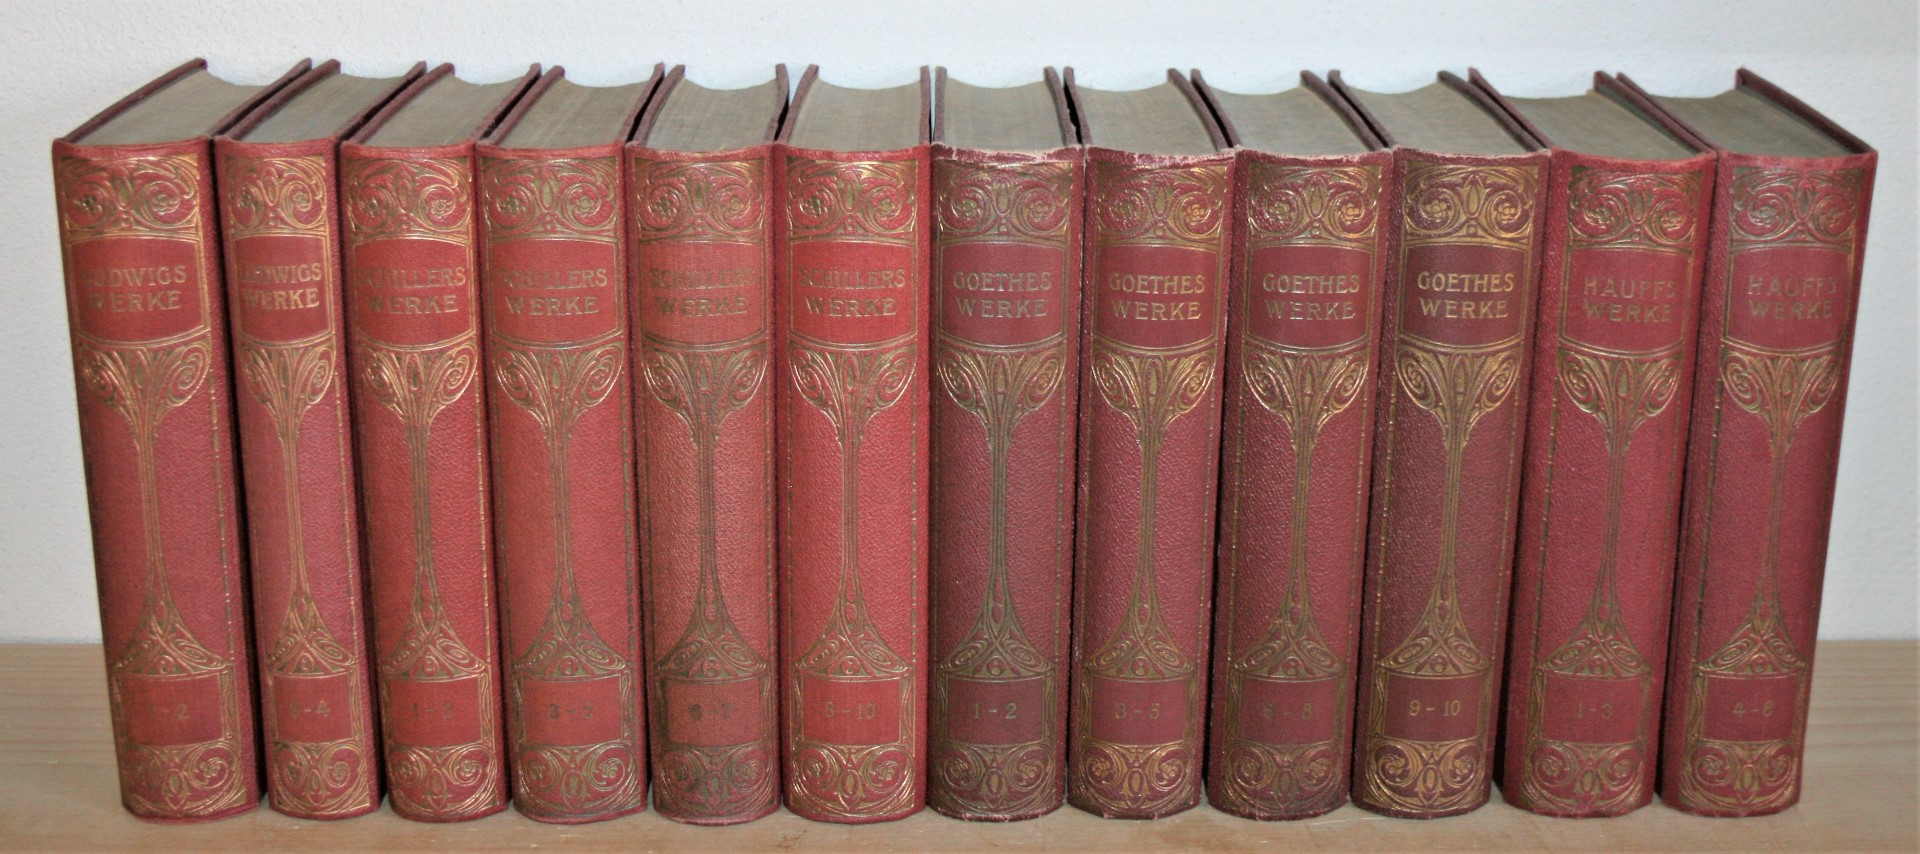 12 Bände: Hauff (1-6 in 2 Büchern),: Schiller, Friedrich von,